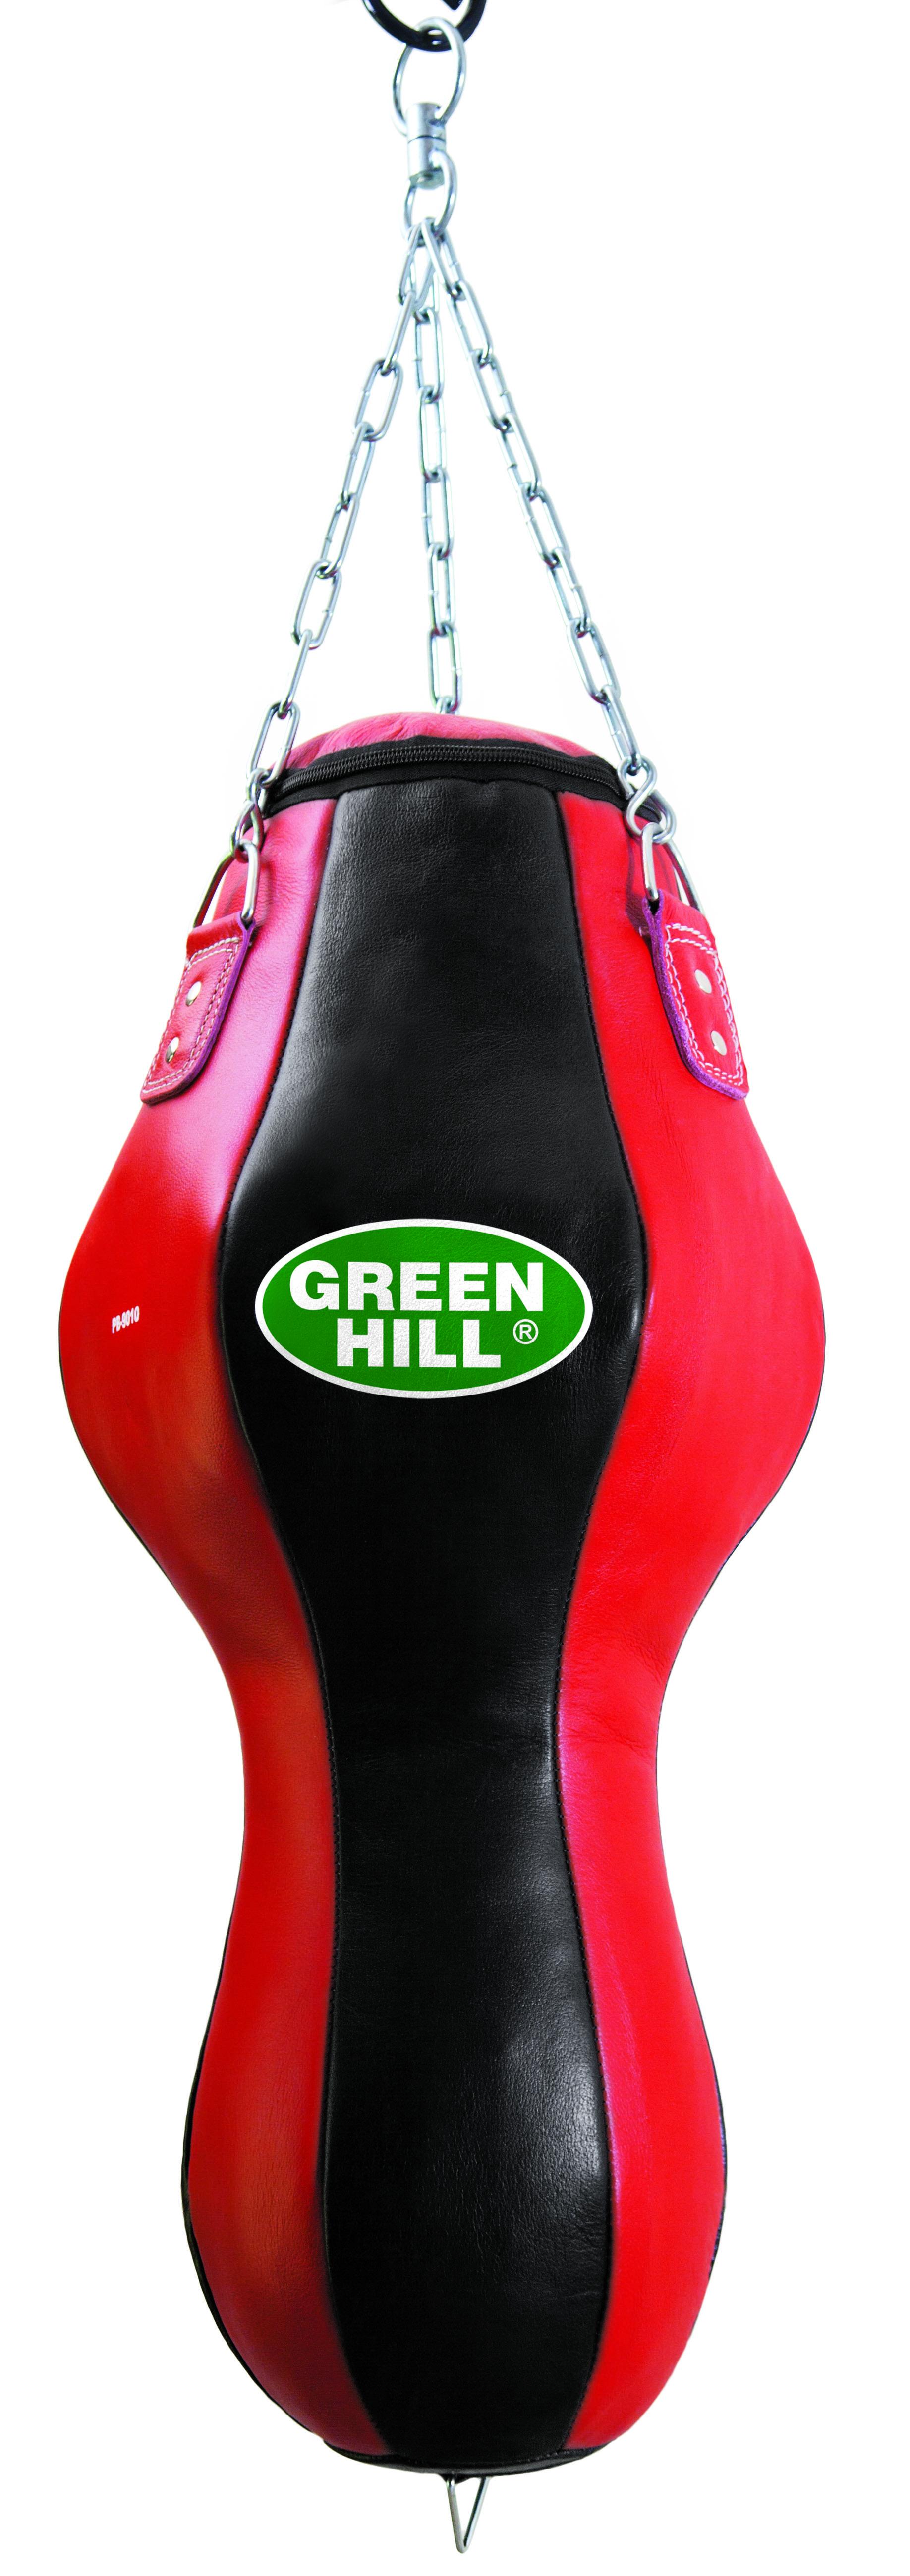 Green Hill Мешок набивной фигурный Green Hill, 38 кг